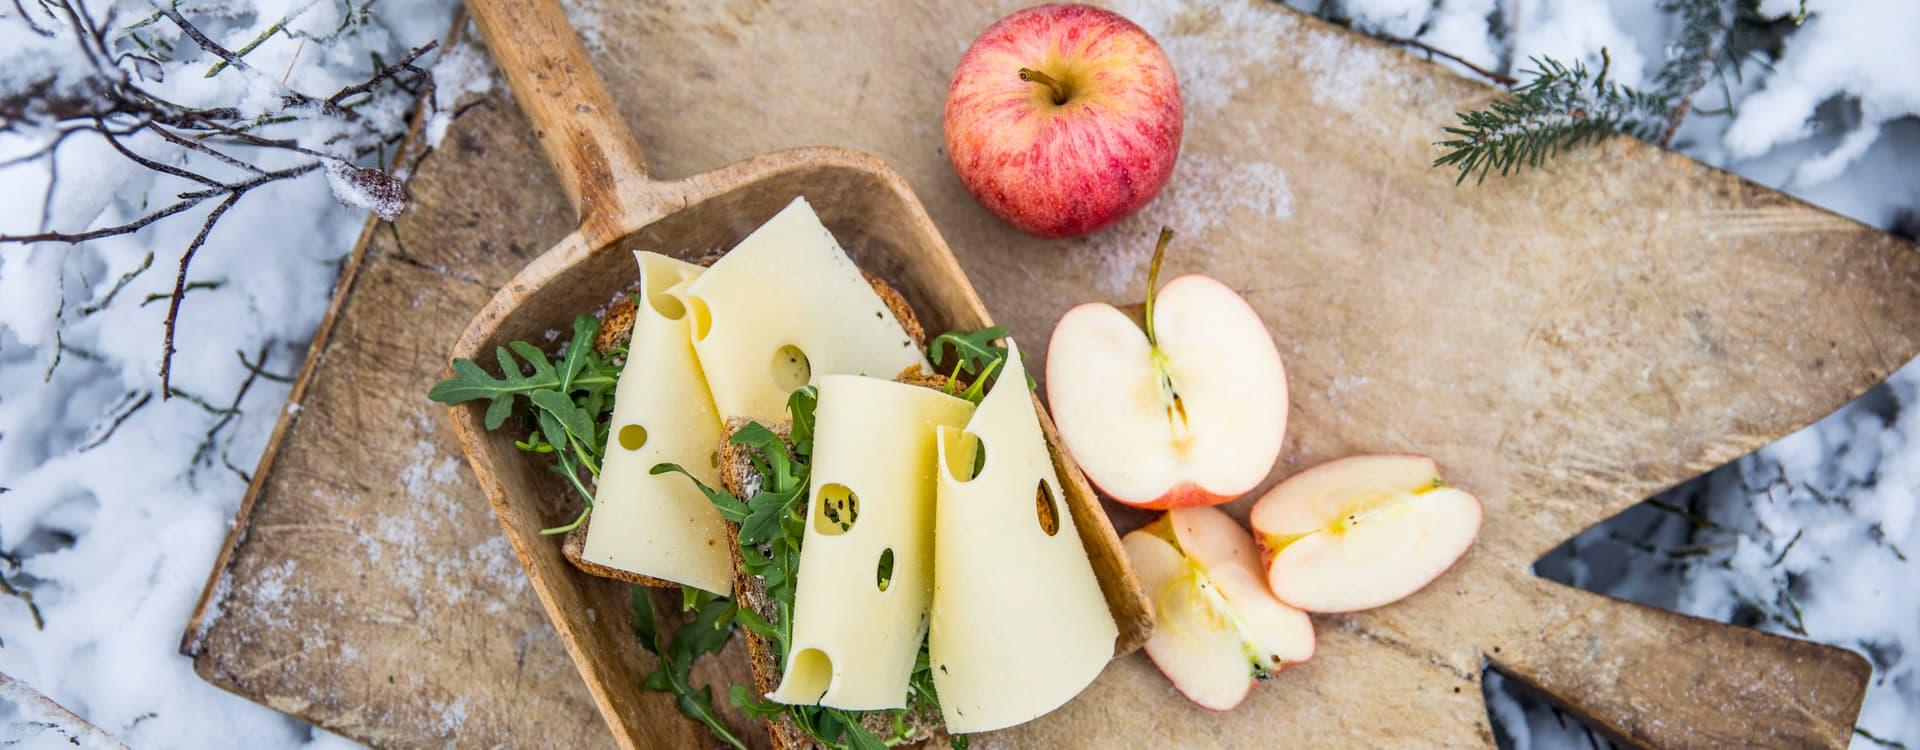 Ost- og eplesmørbrød